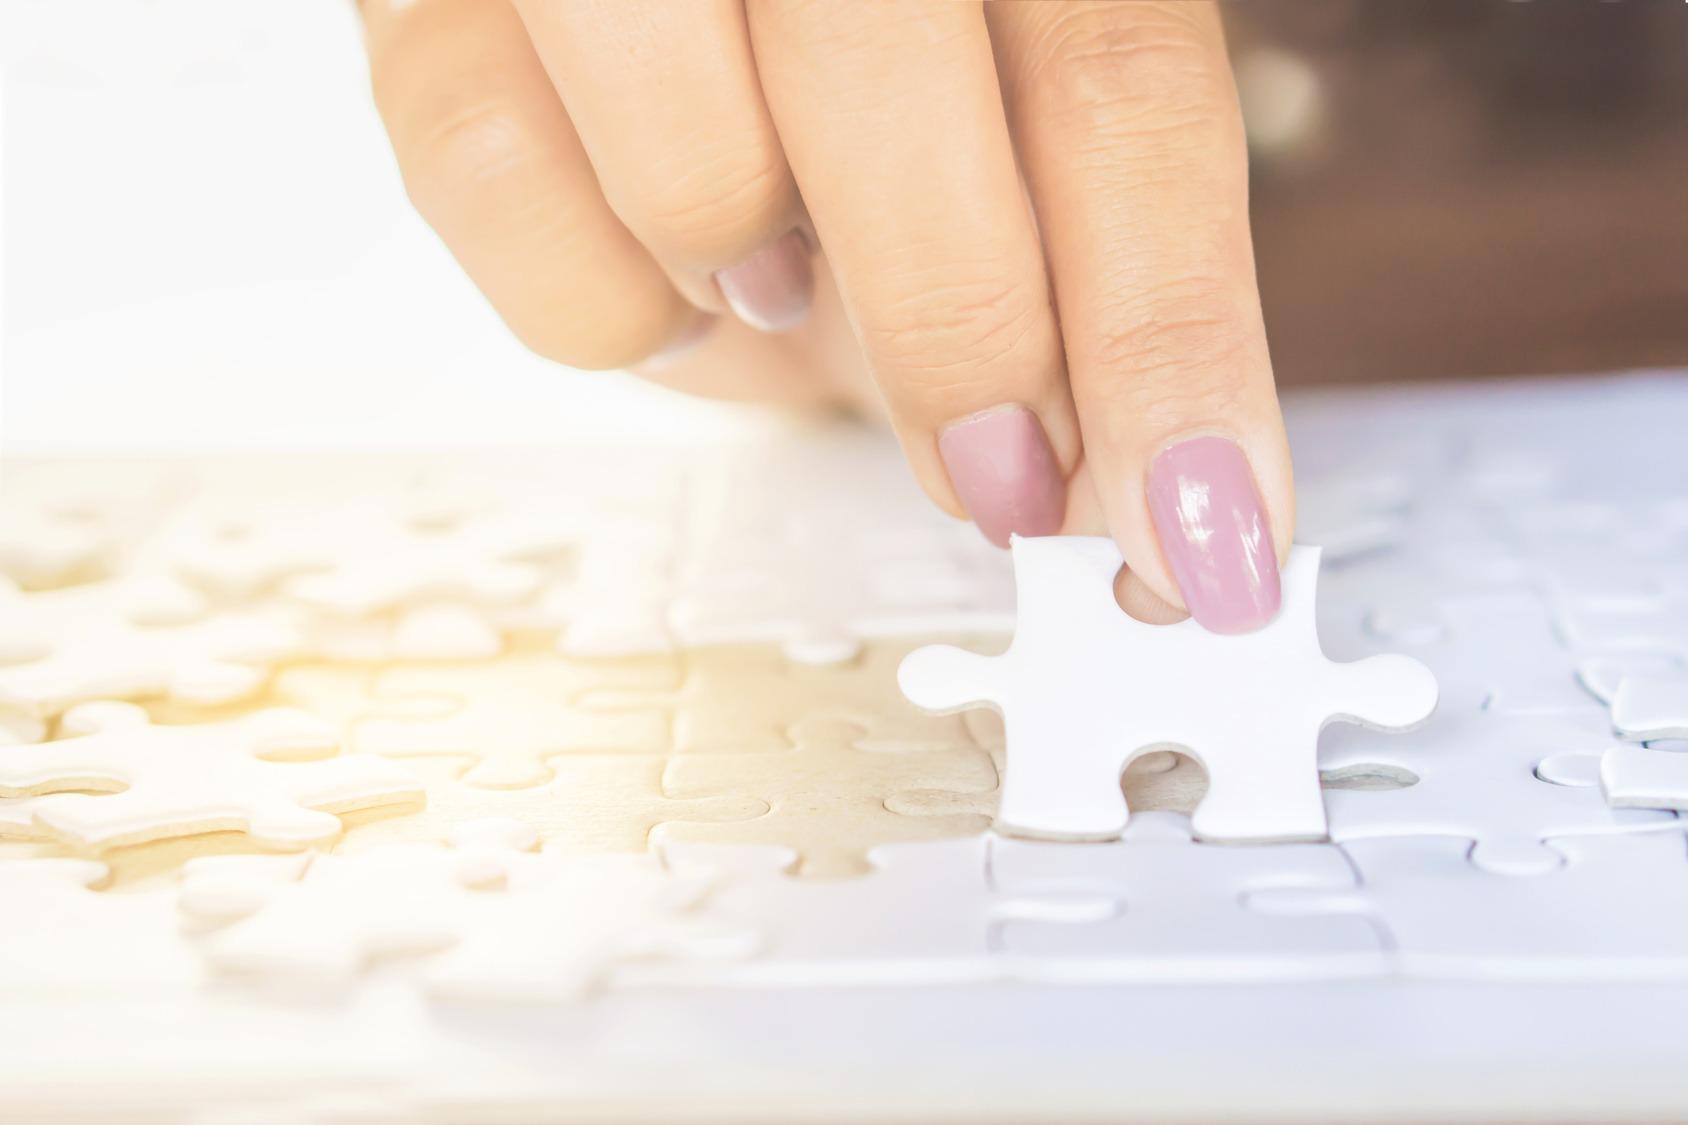 Nahaufnahme einer Frauenhand die ein Puzzelteil in ein weißes Puzzle einfügt.